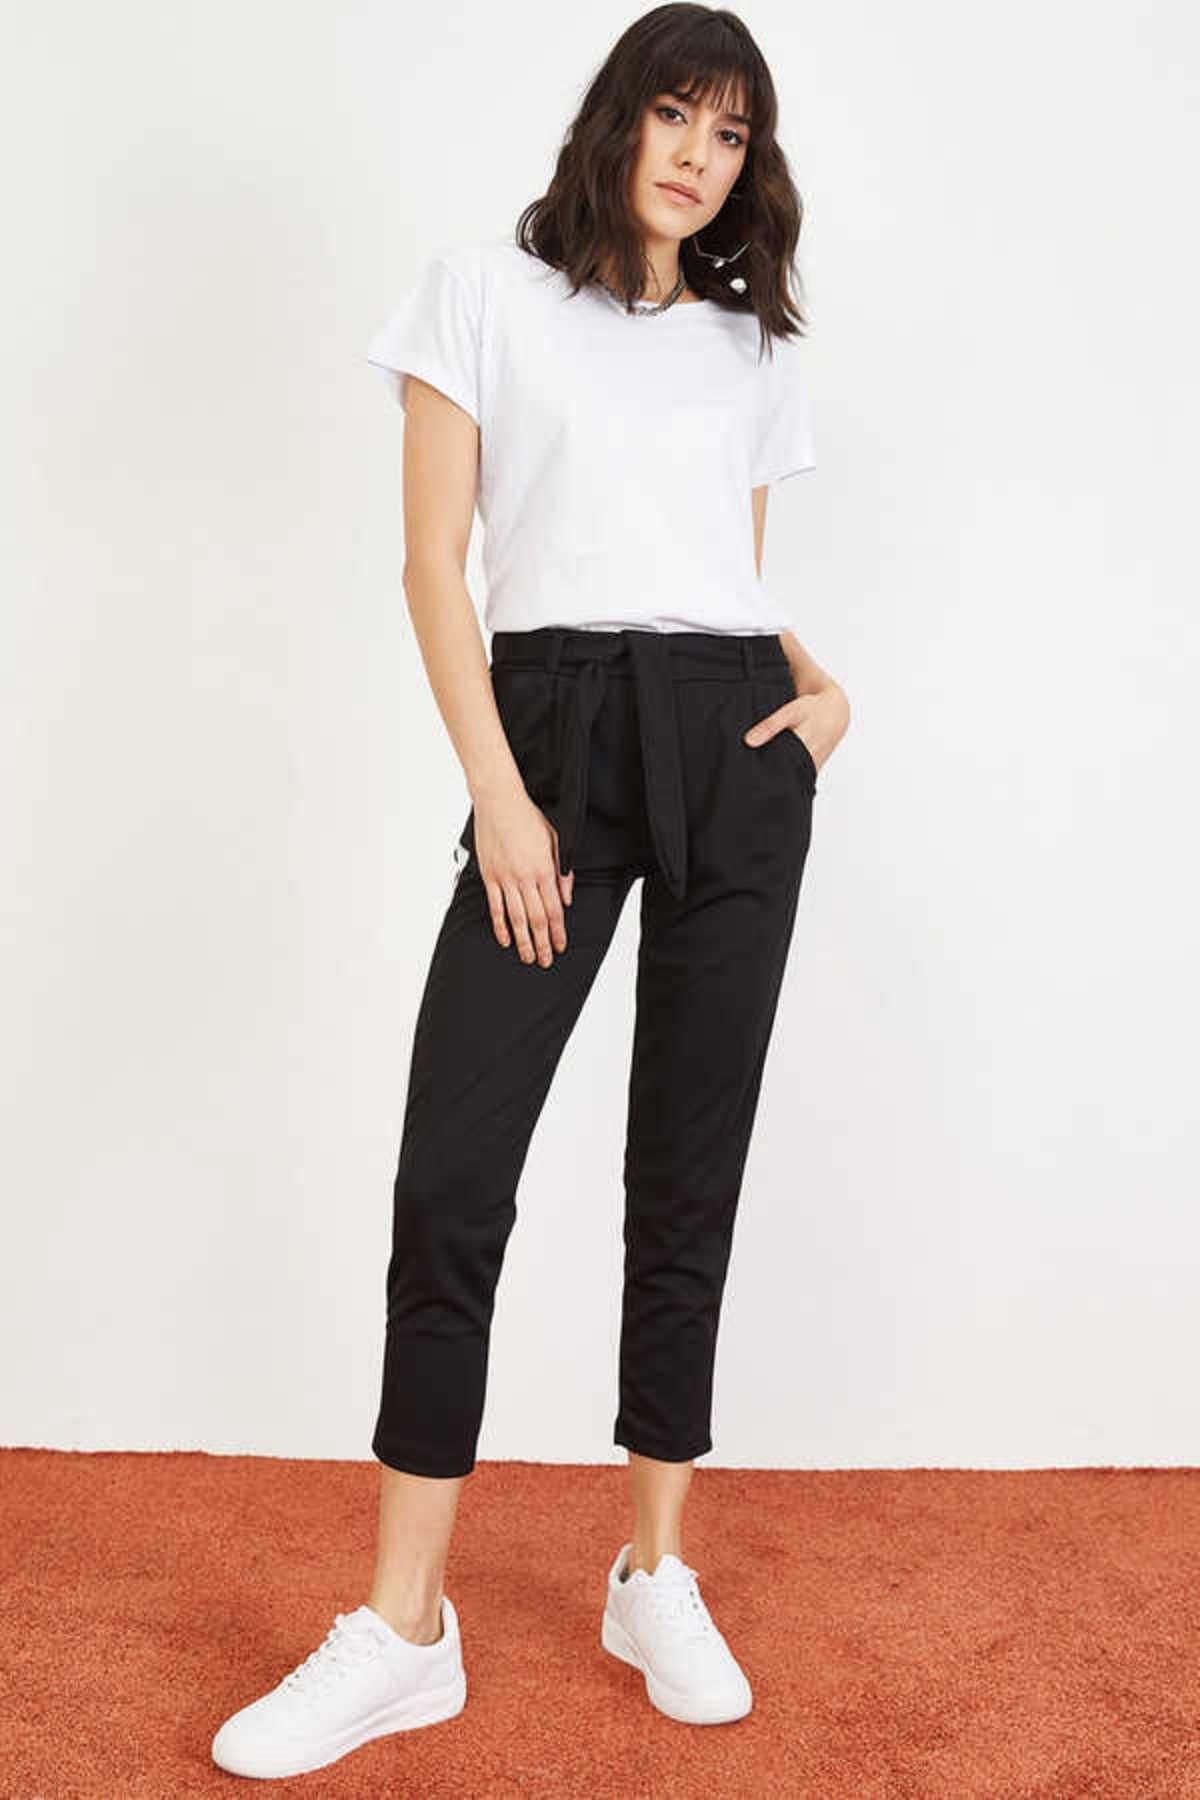 Bianco Lucci Kadın Siyah Yan Şerit Beli Lastikli Crep Pantolon 10021046 3